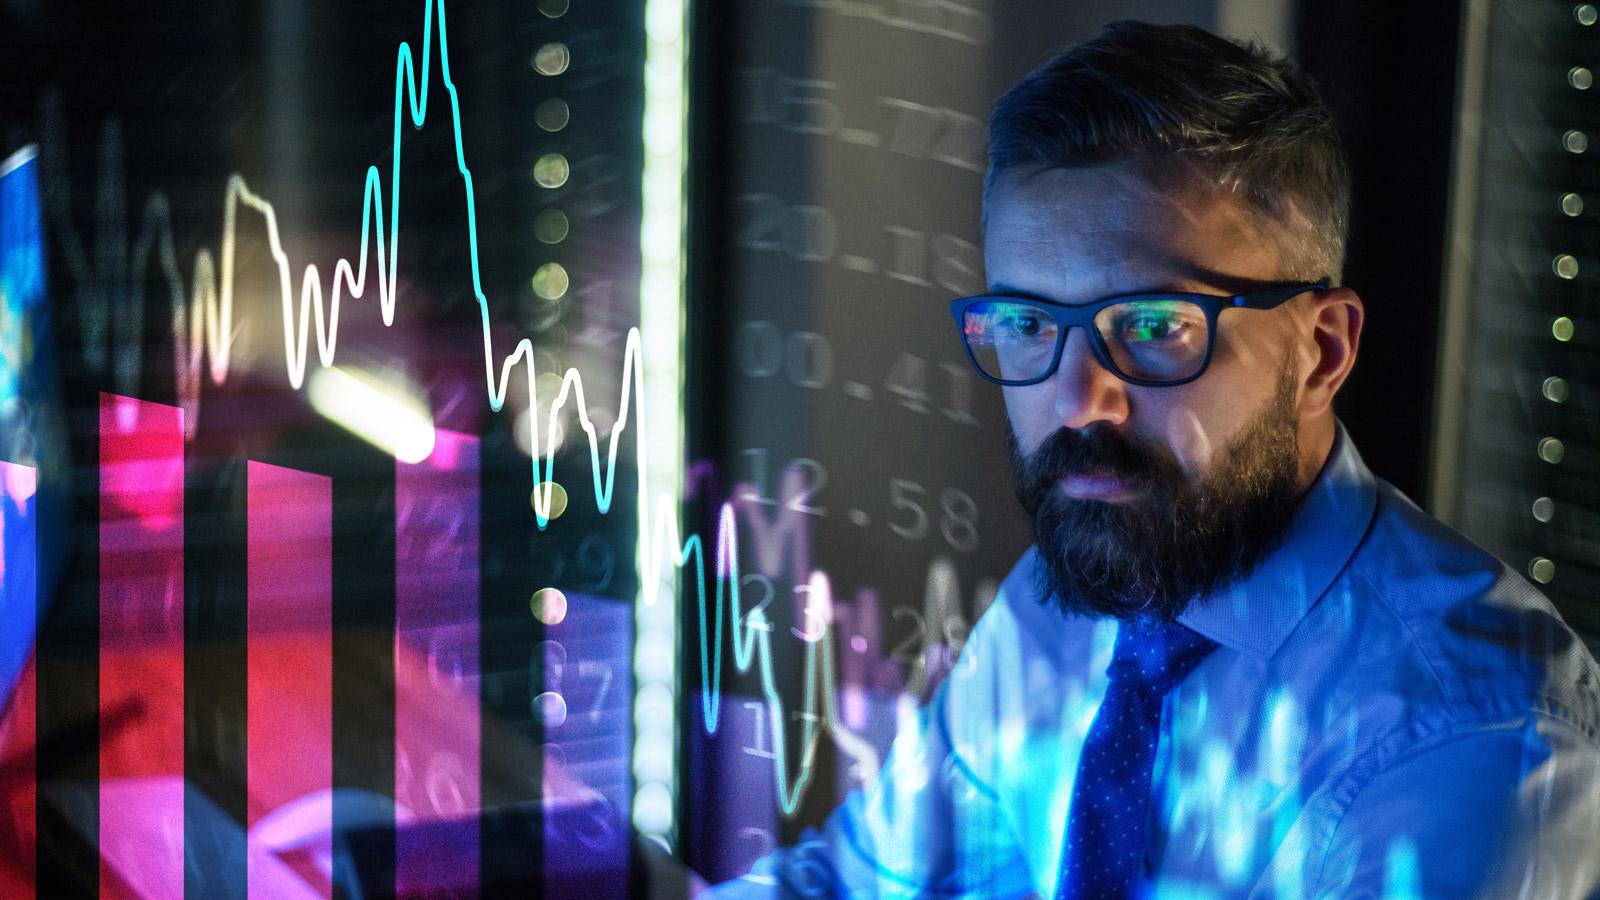 Firmy bały się recesji jeszcze przed koronawirusem – Teraz będzie mniej pracy Praca mediarun giełda wyniki inwestycje kryzys 2020